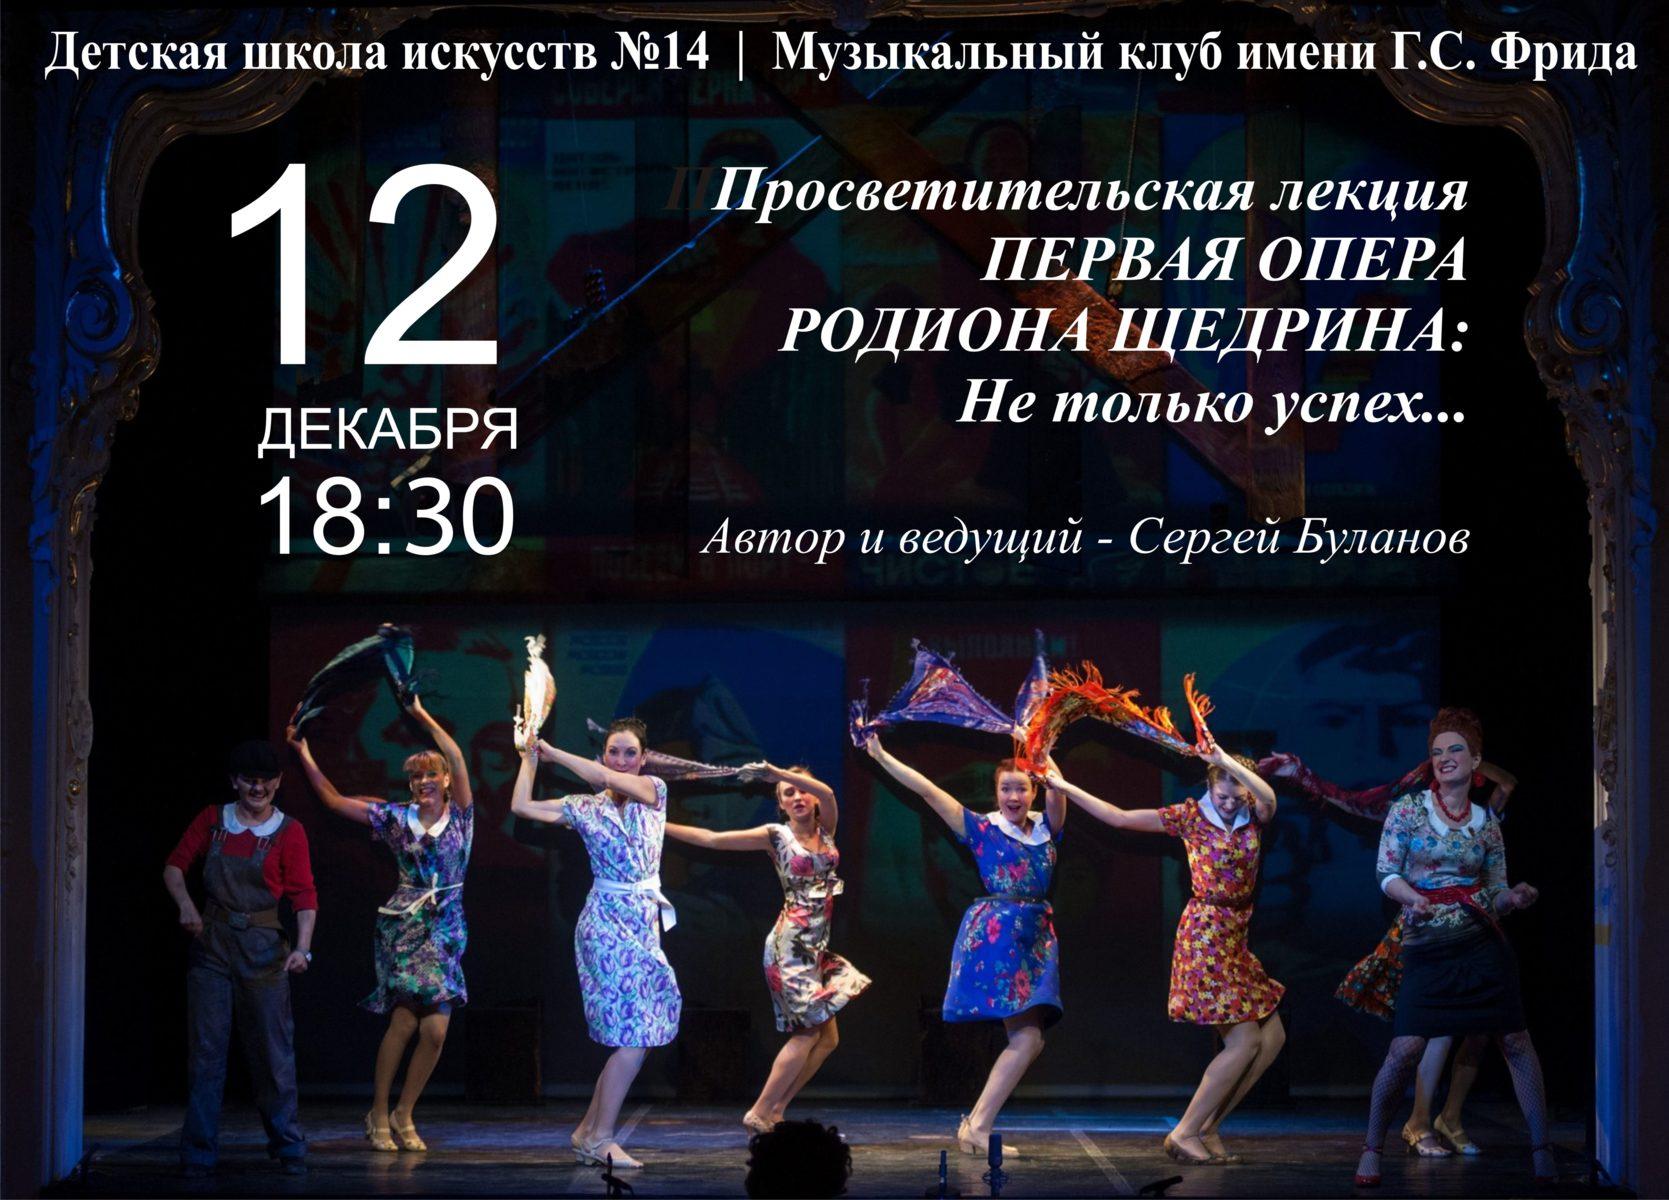 Лекция «Первая опера Родиона Щедрина. Не только успех...» – события на сайте «Московские Сезоны»